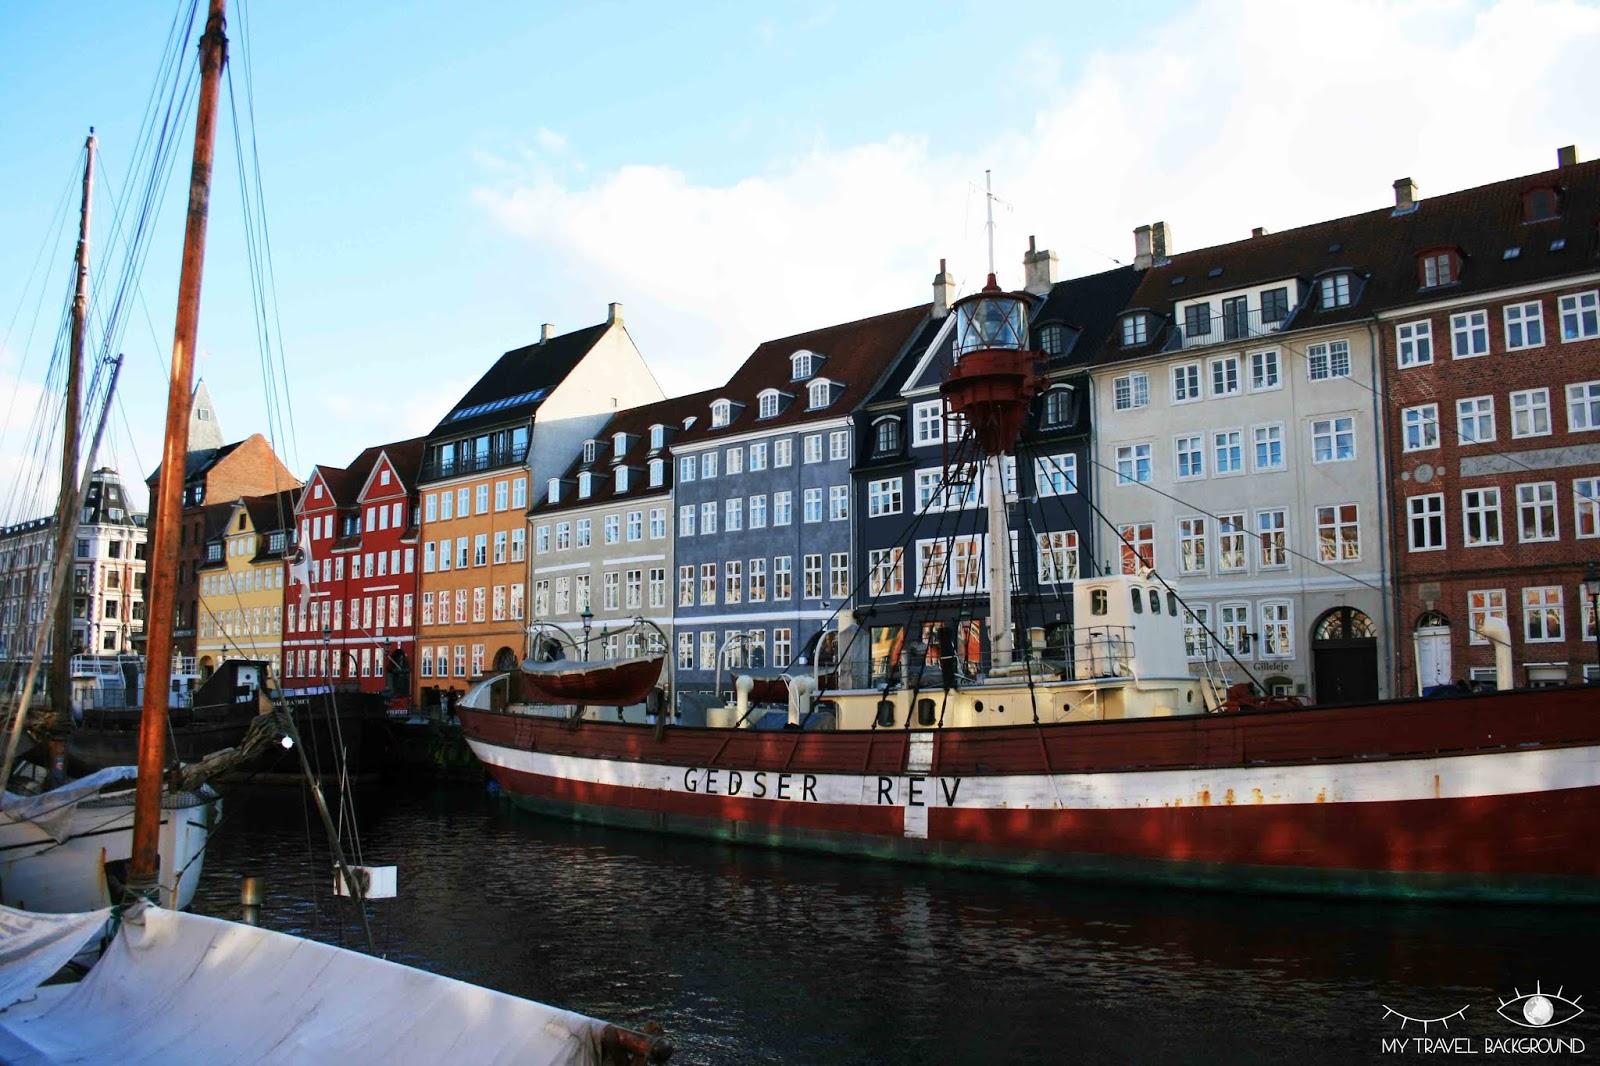 My Travel Background : road trip de 10 jours autour de la mer baltique : Danemark, Finlande, Estonie - Nyhavn, Copenhague, Danemark